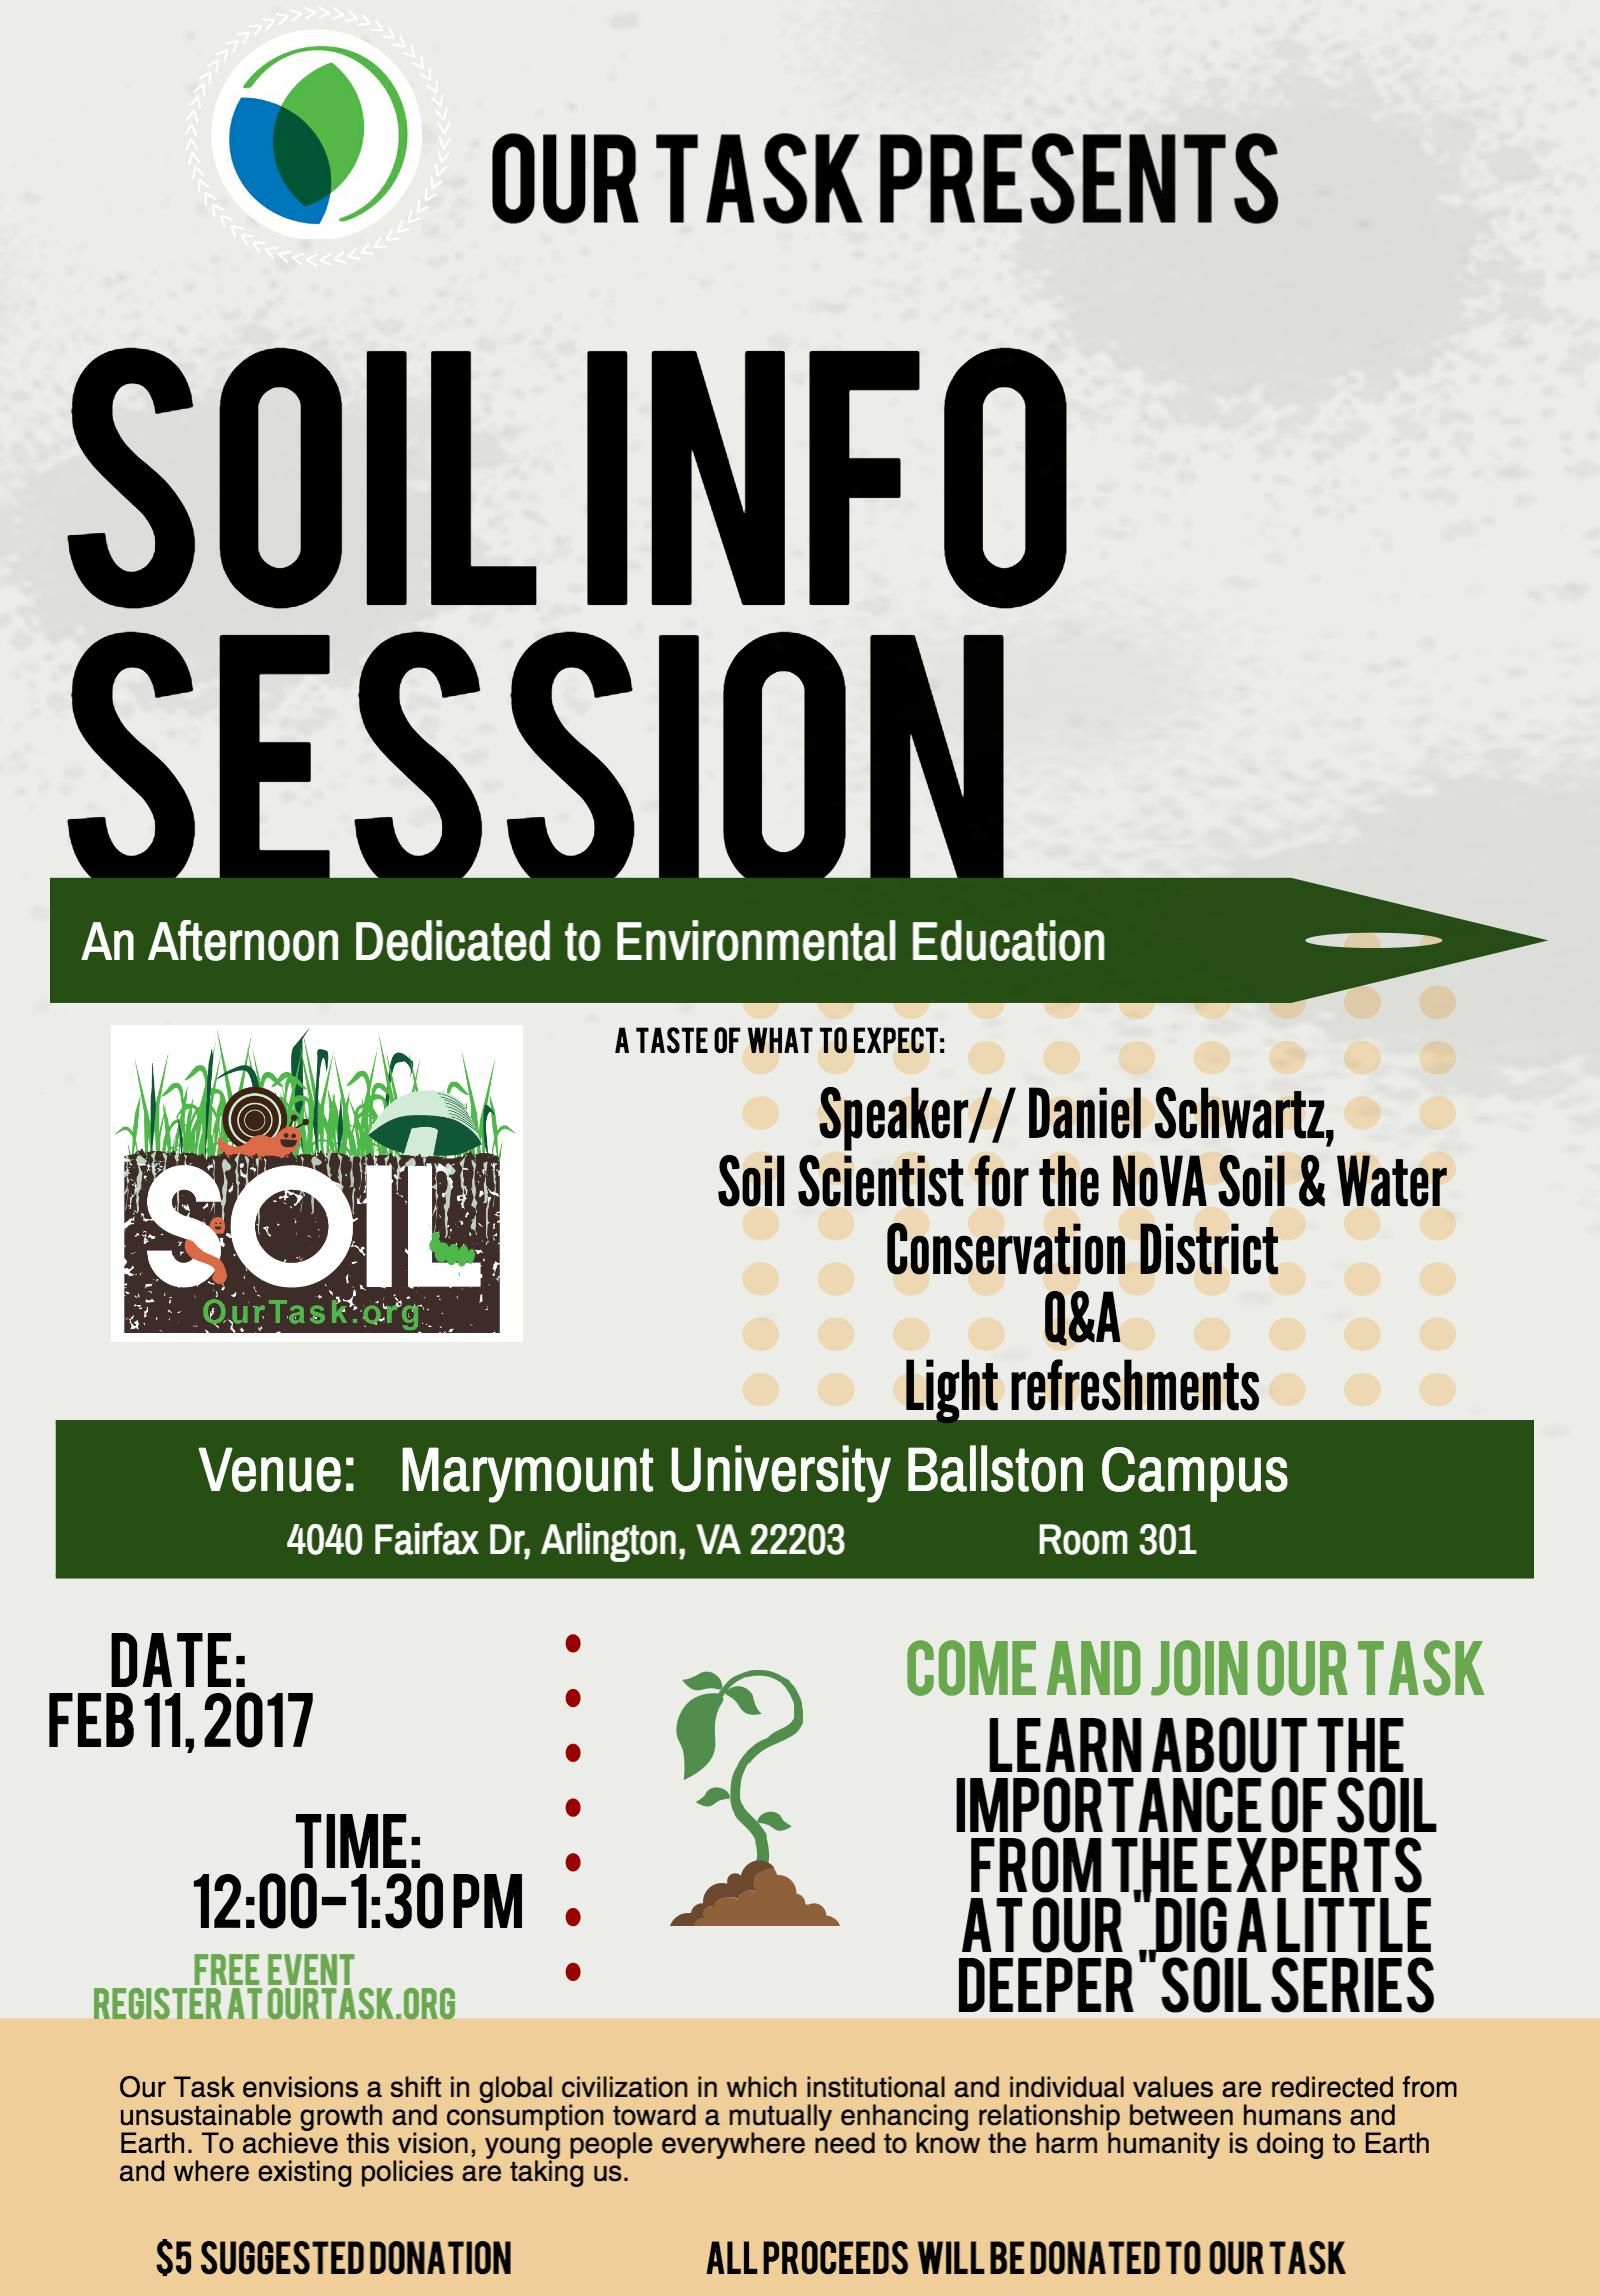 soil-event_19594821_6019b81fafab7438b9bb0f202a14dacca1455def.jpeg